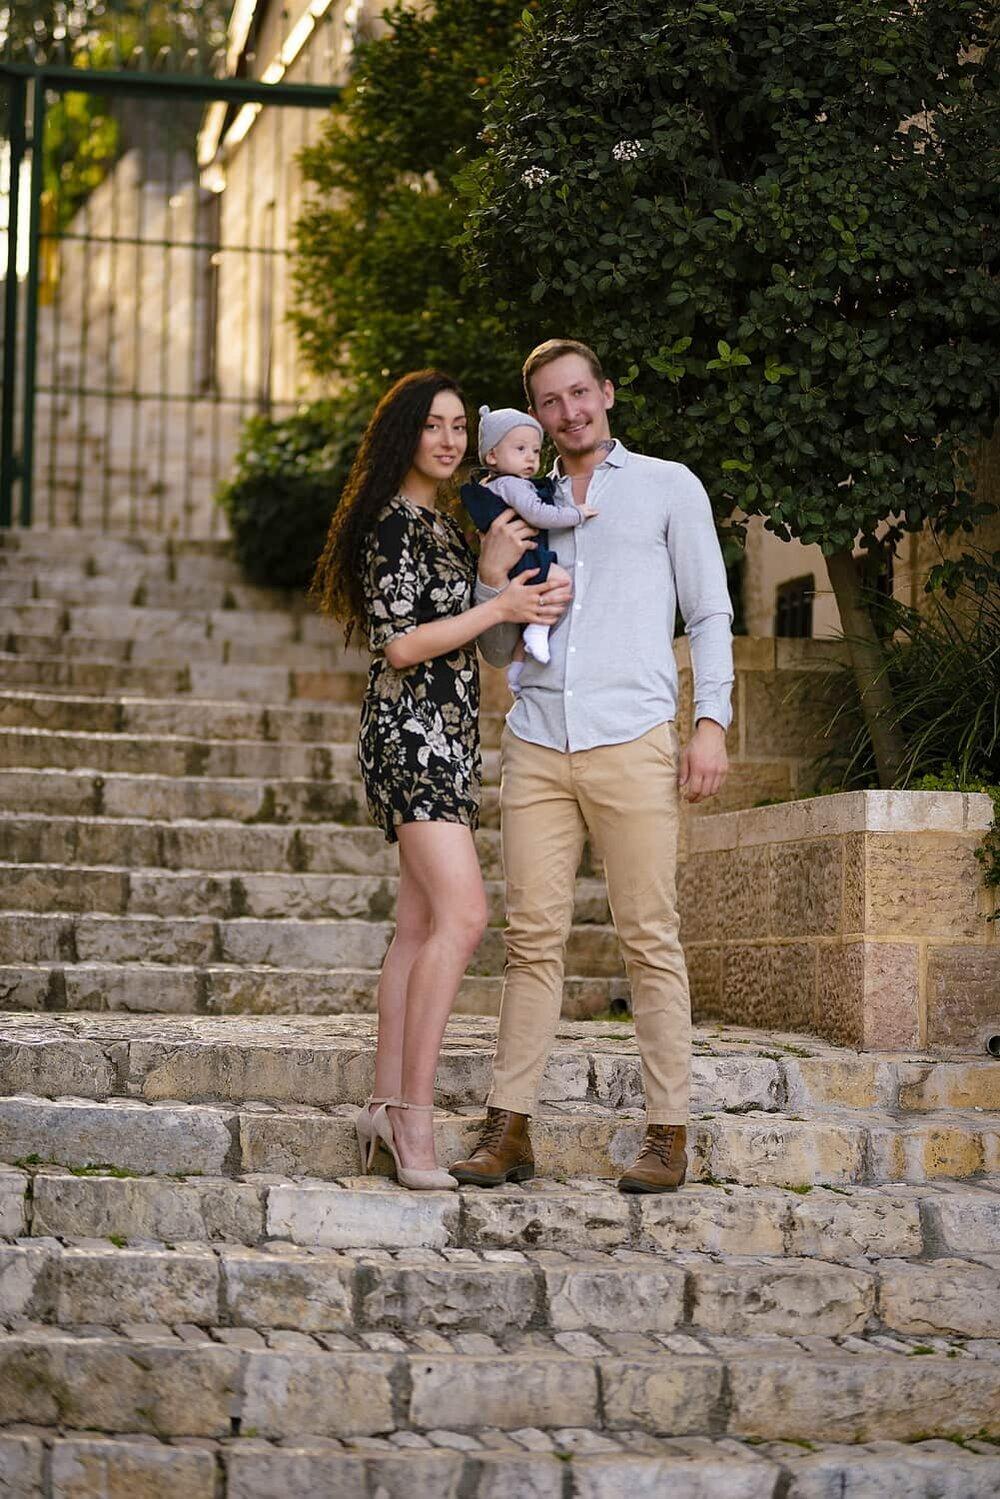 זוג צעיר עומד במדרגות עם תינוק